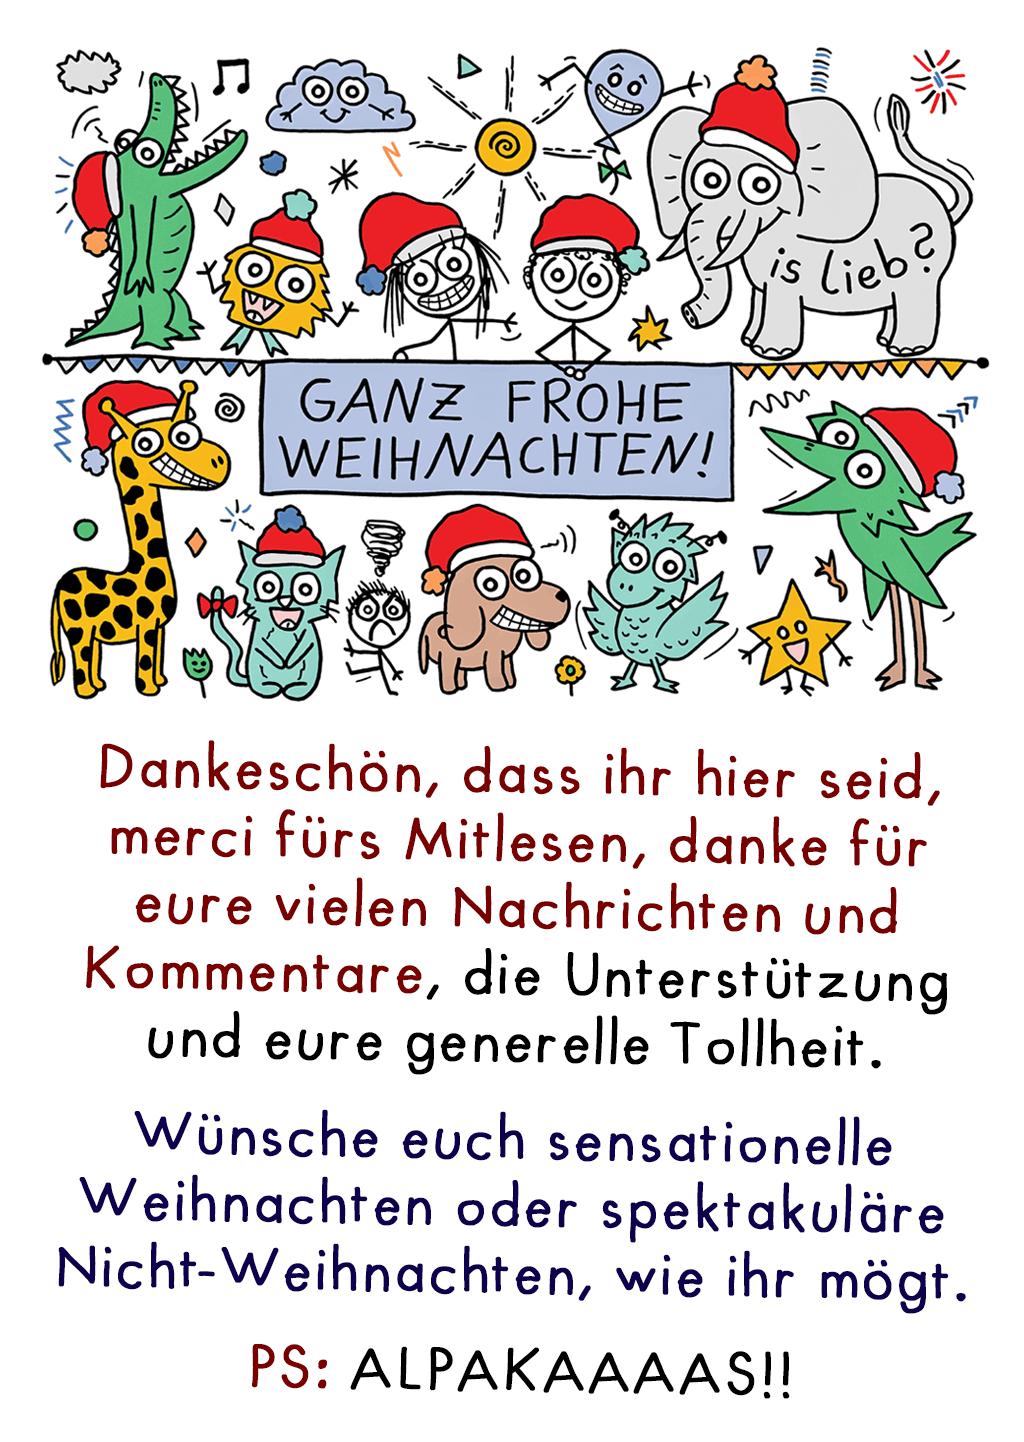 Comic Frohe Weihnachten.Ganz Frohe Weihnachten